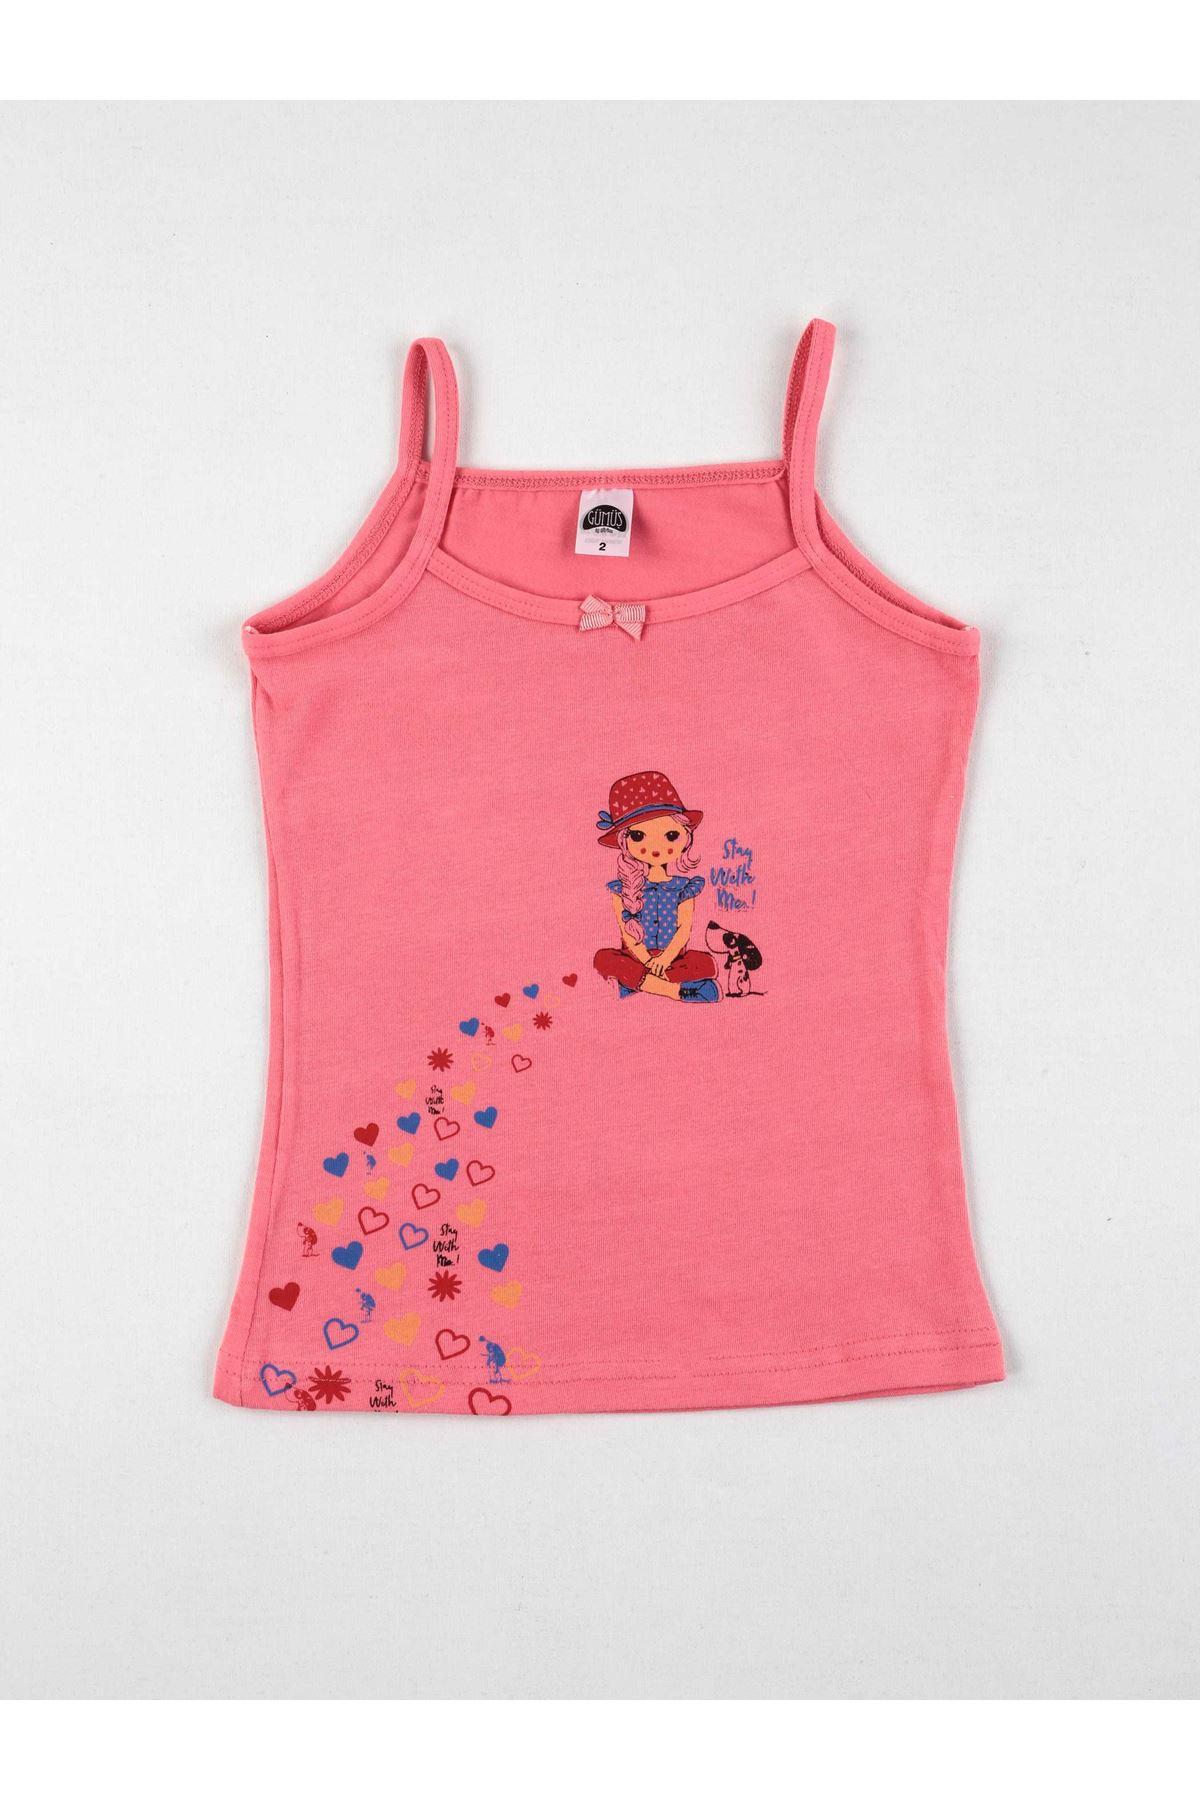 Renkli Baskılı Kız Çocuk 6 lı İp Askılı Atlet